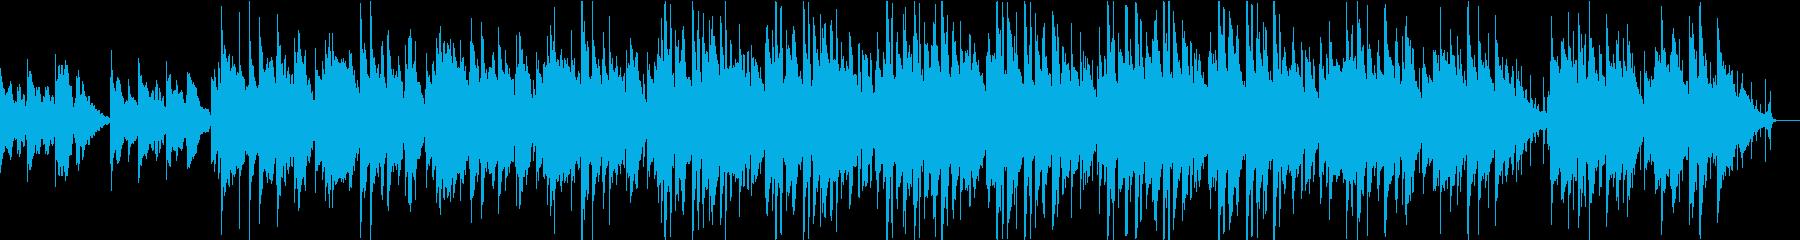 洗練されたスタイリッシュな雰囲気の曲の再生済みの波形